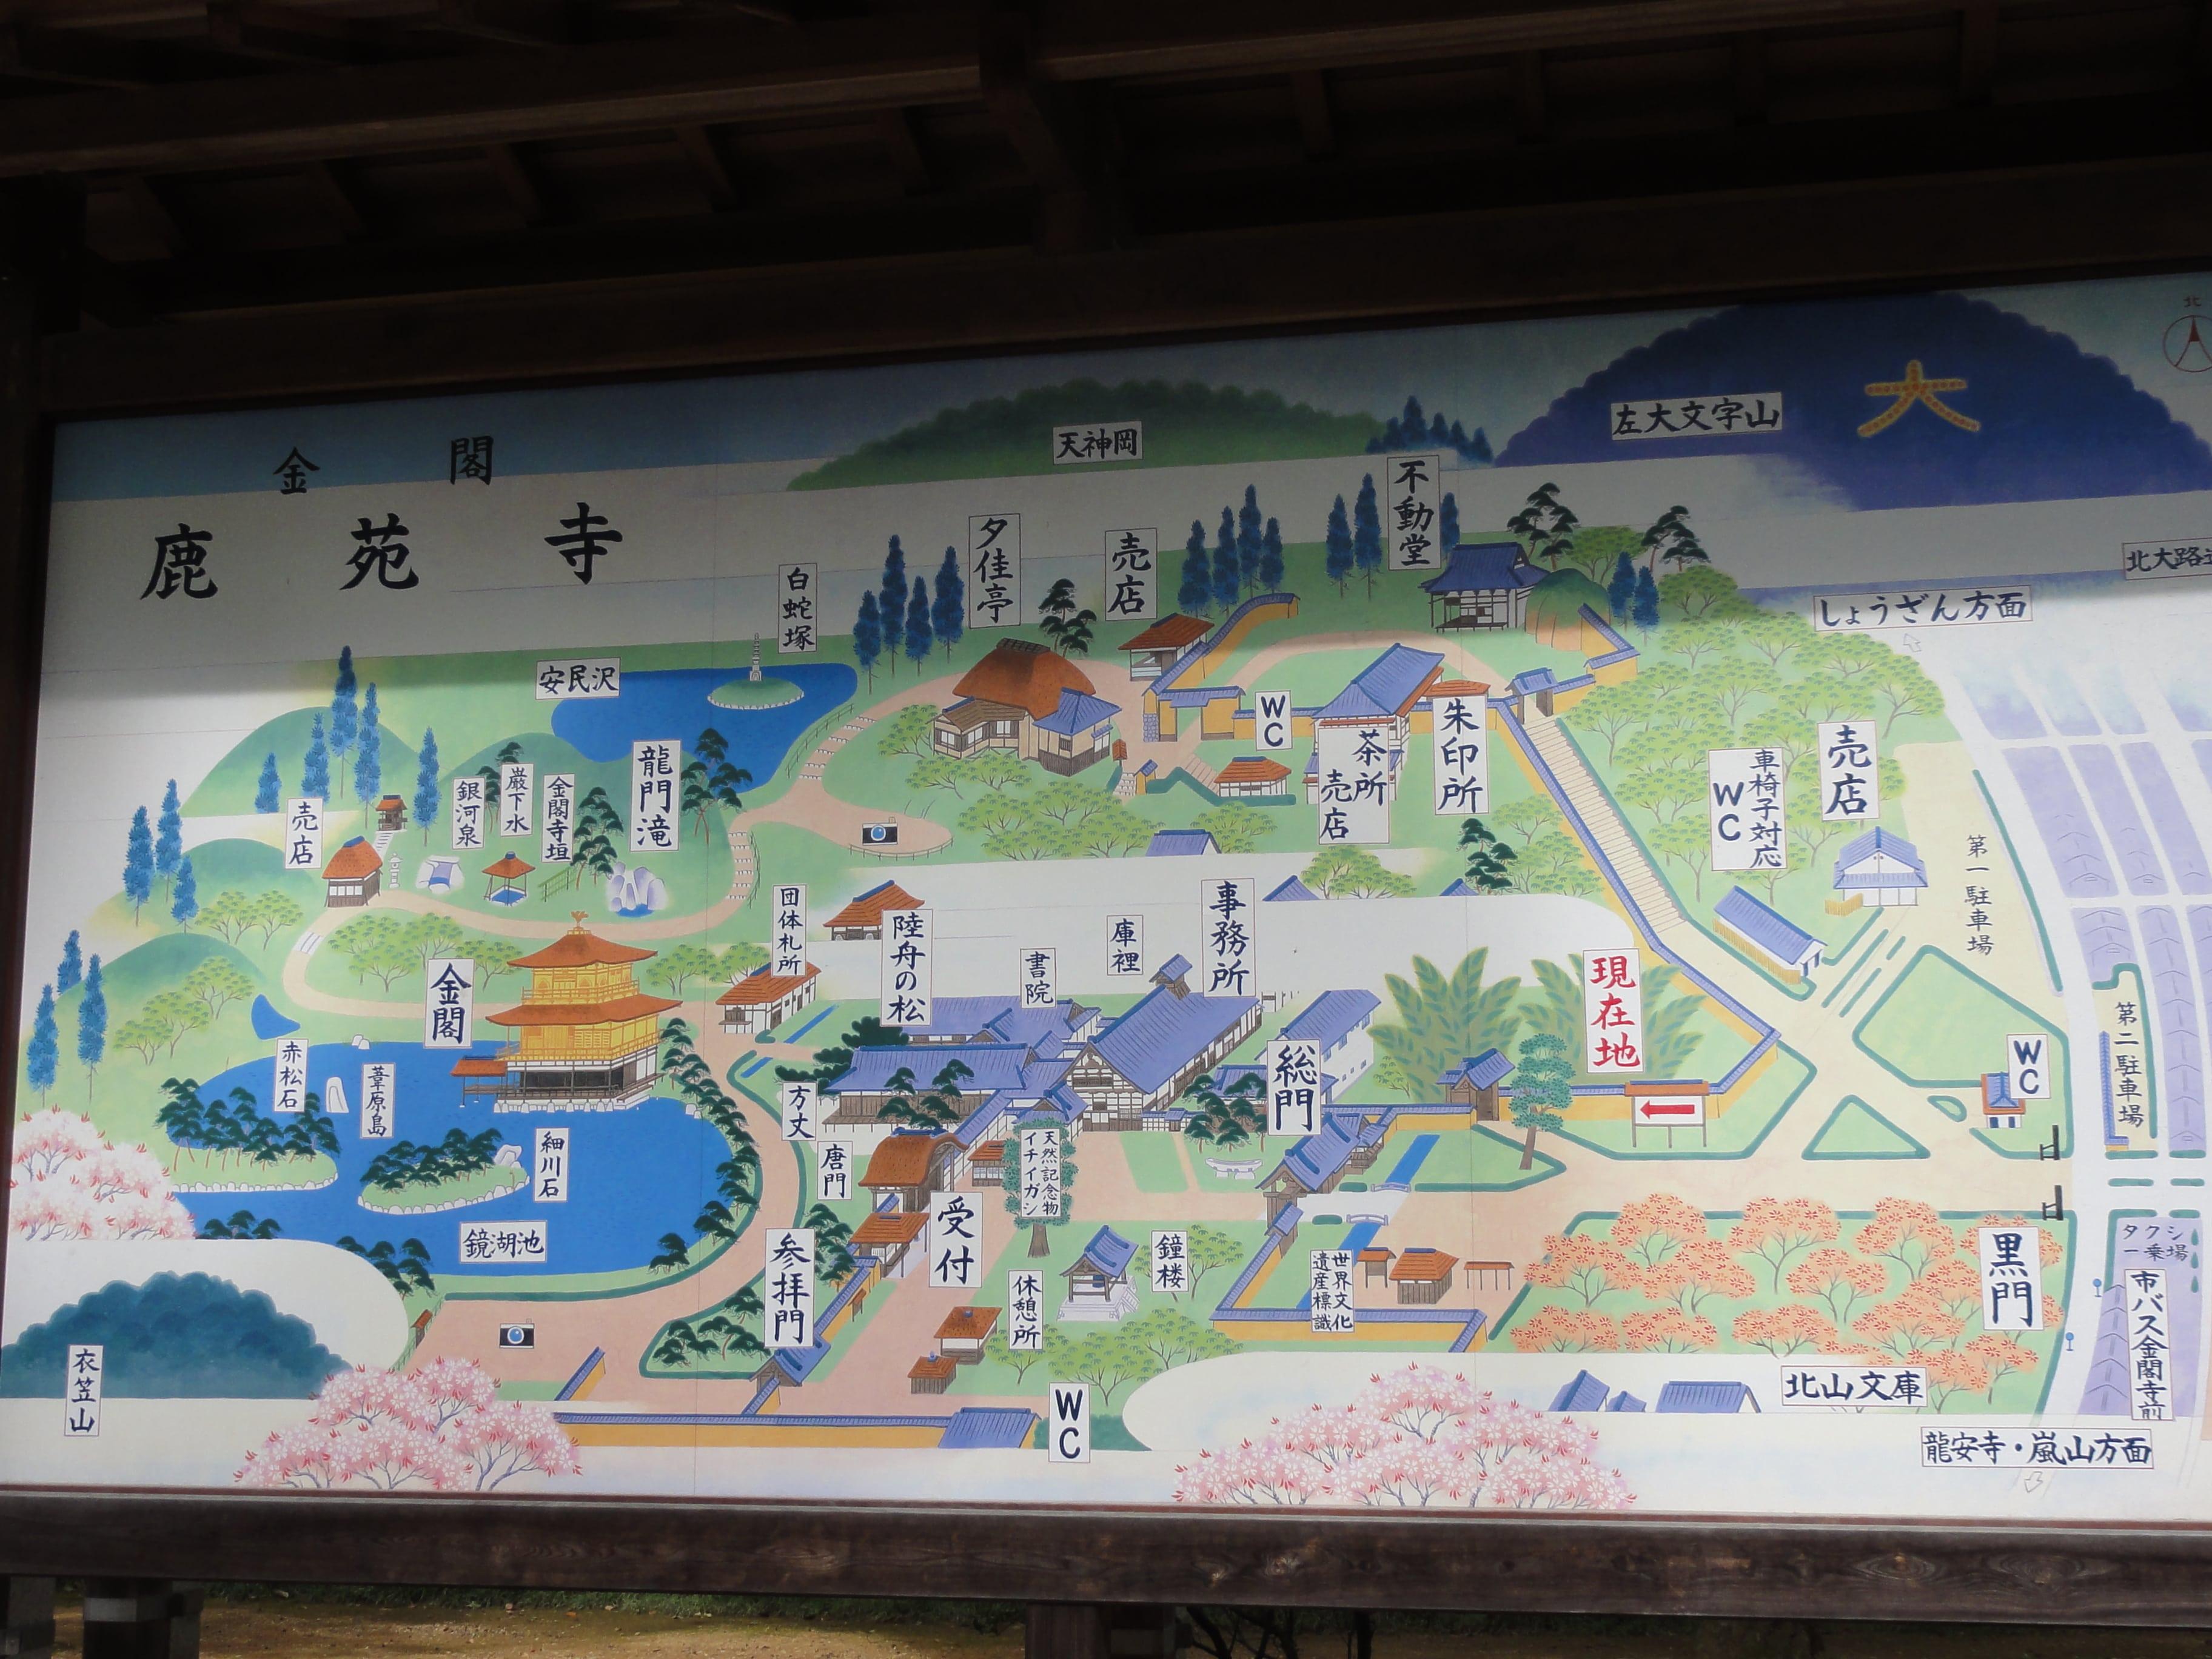 鹿苑寺全景マップ